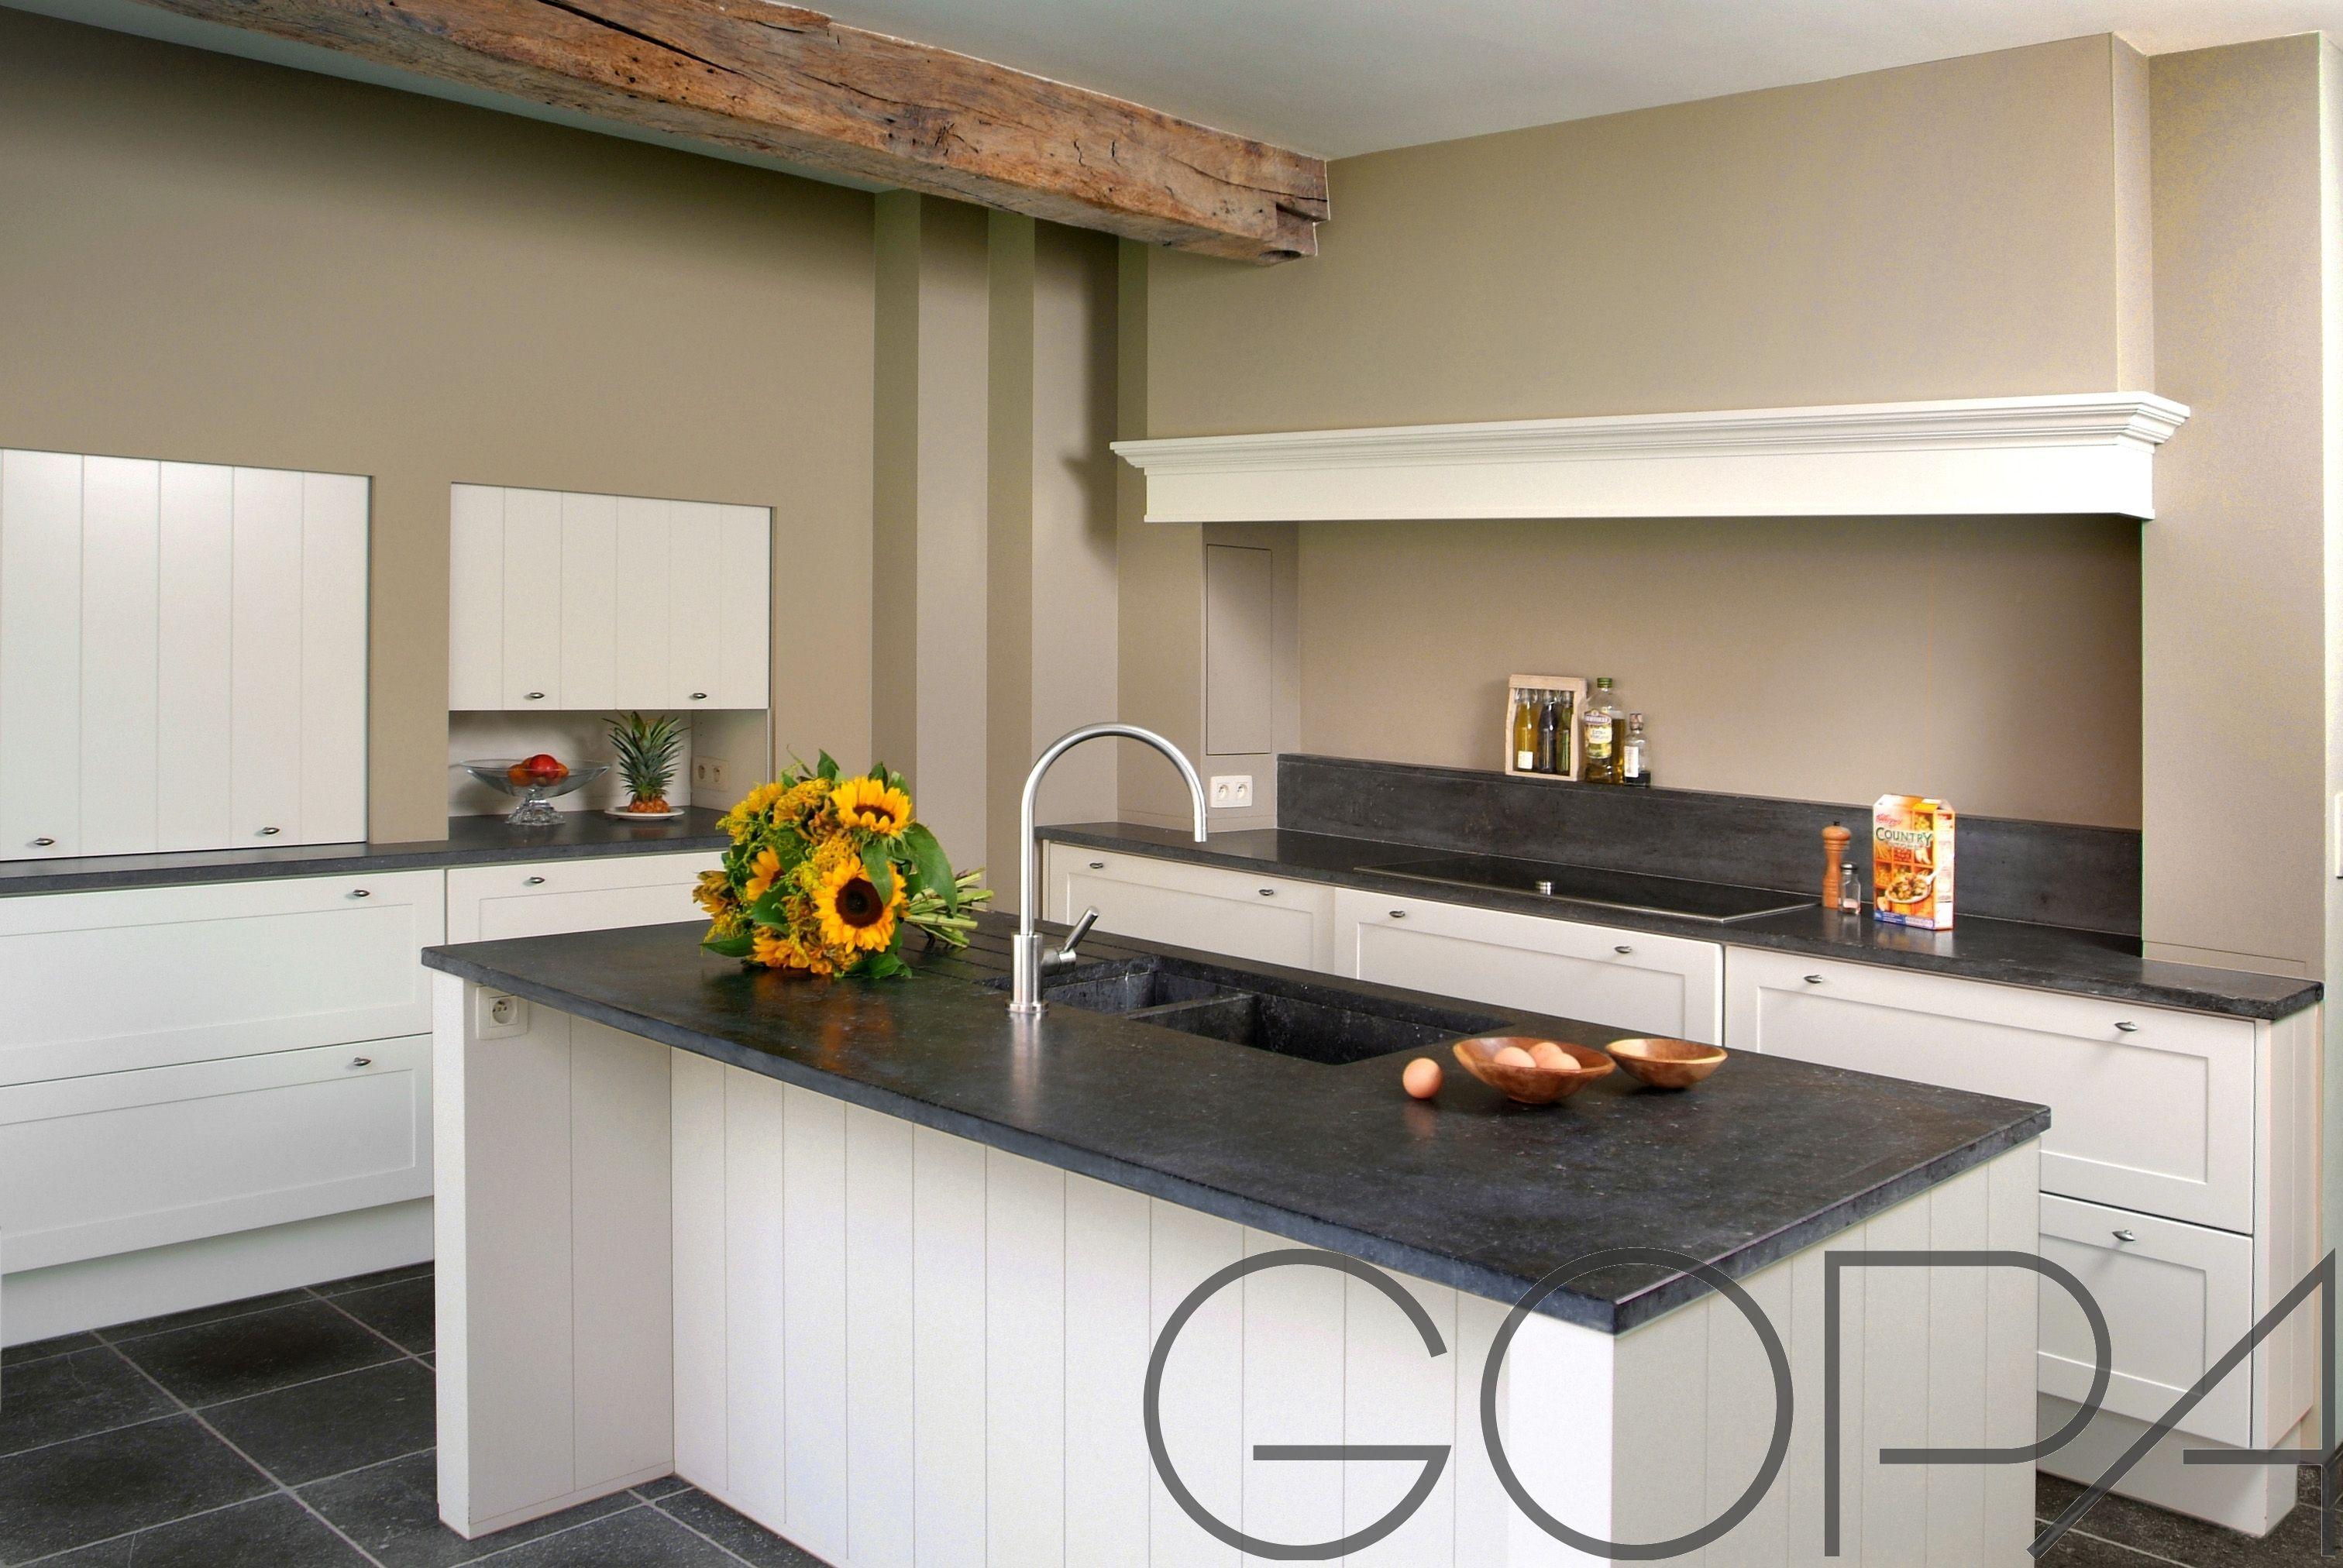 Gezellige landelijke keuken met dampkap verwerkt in luifel